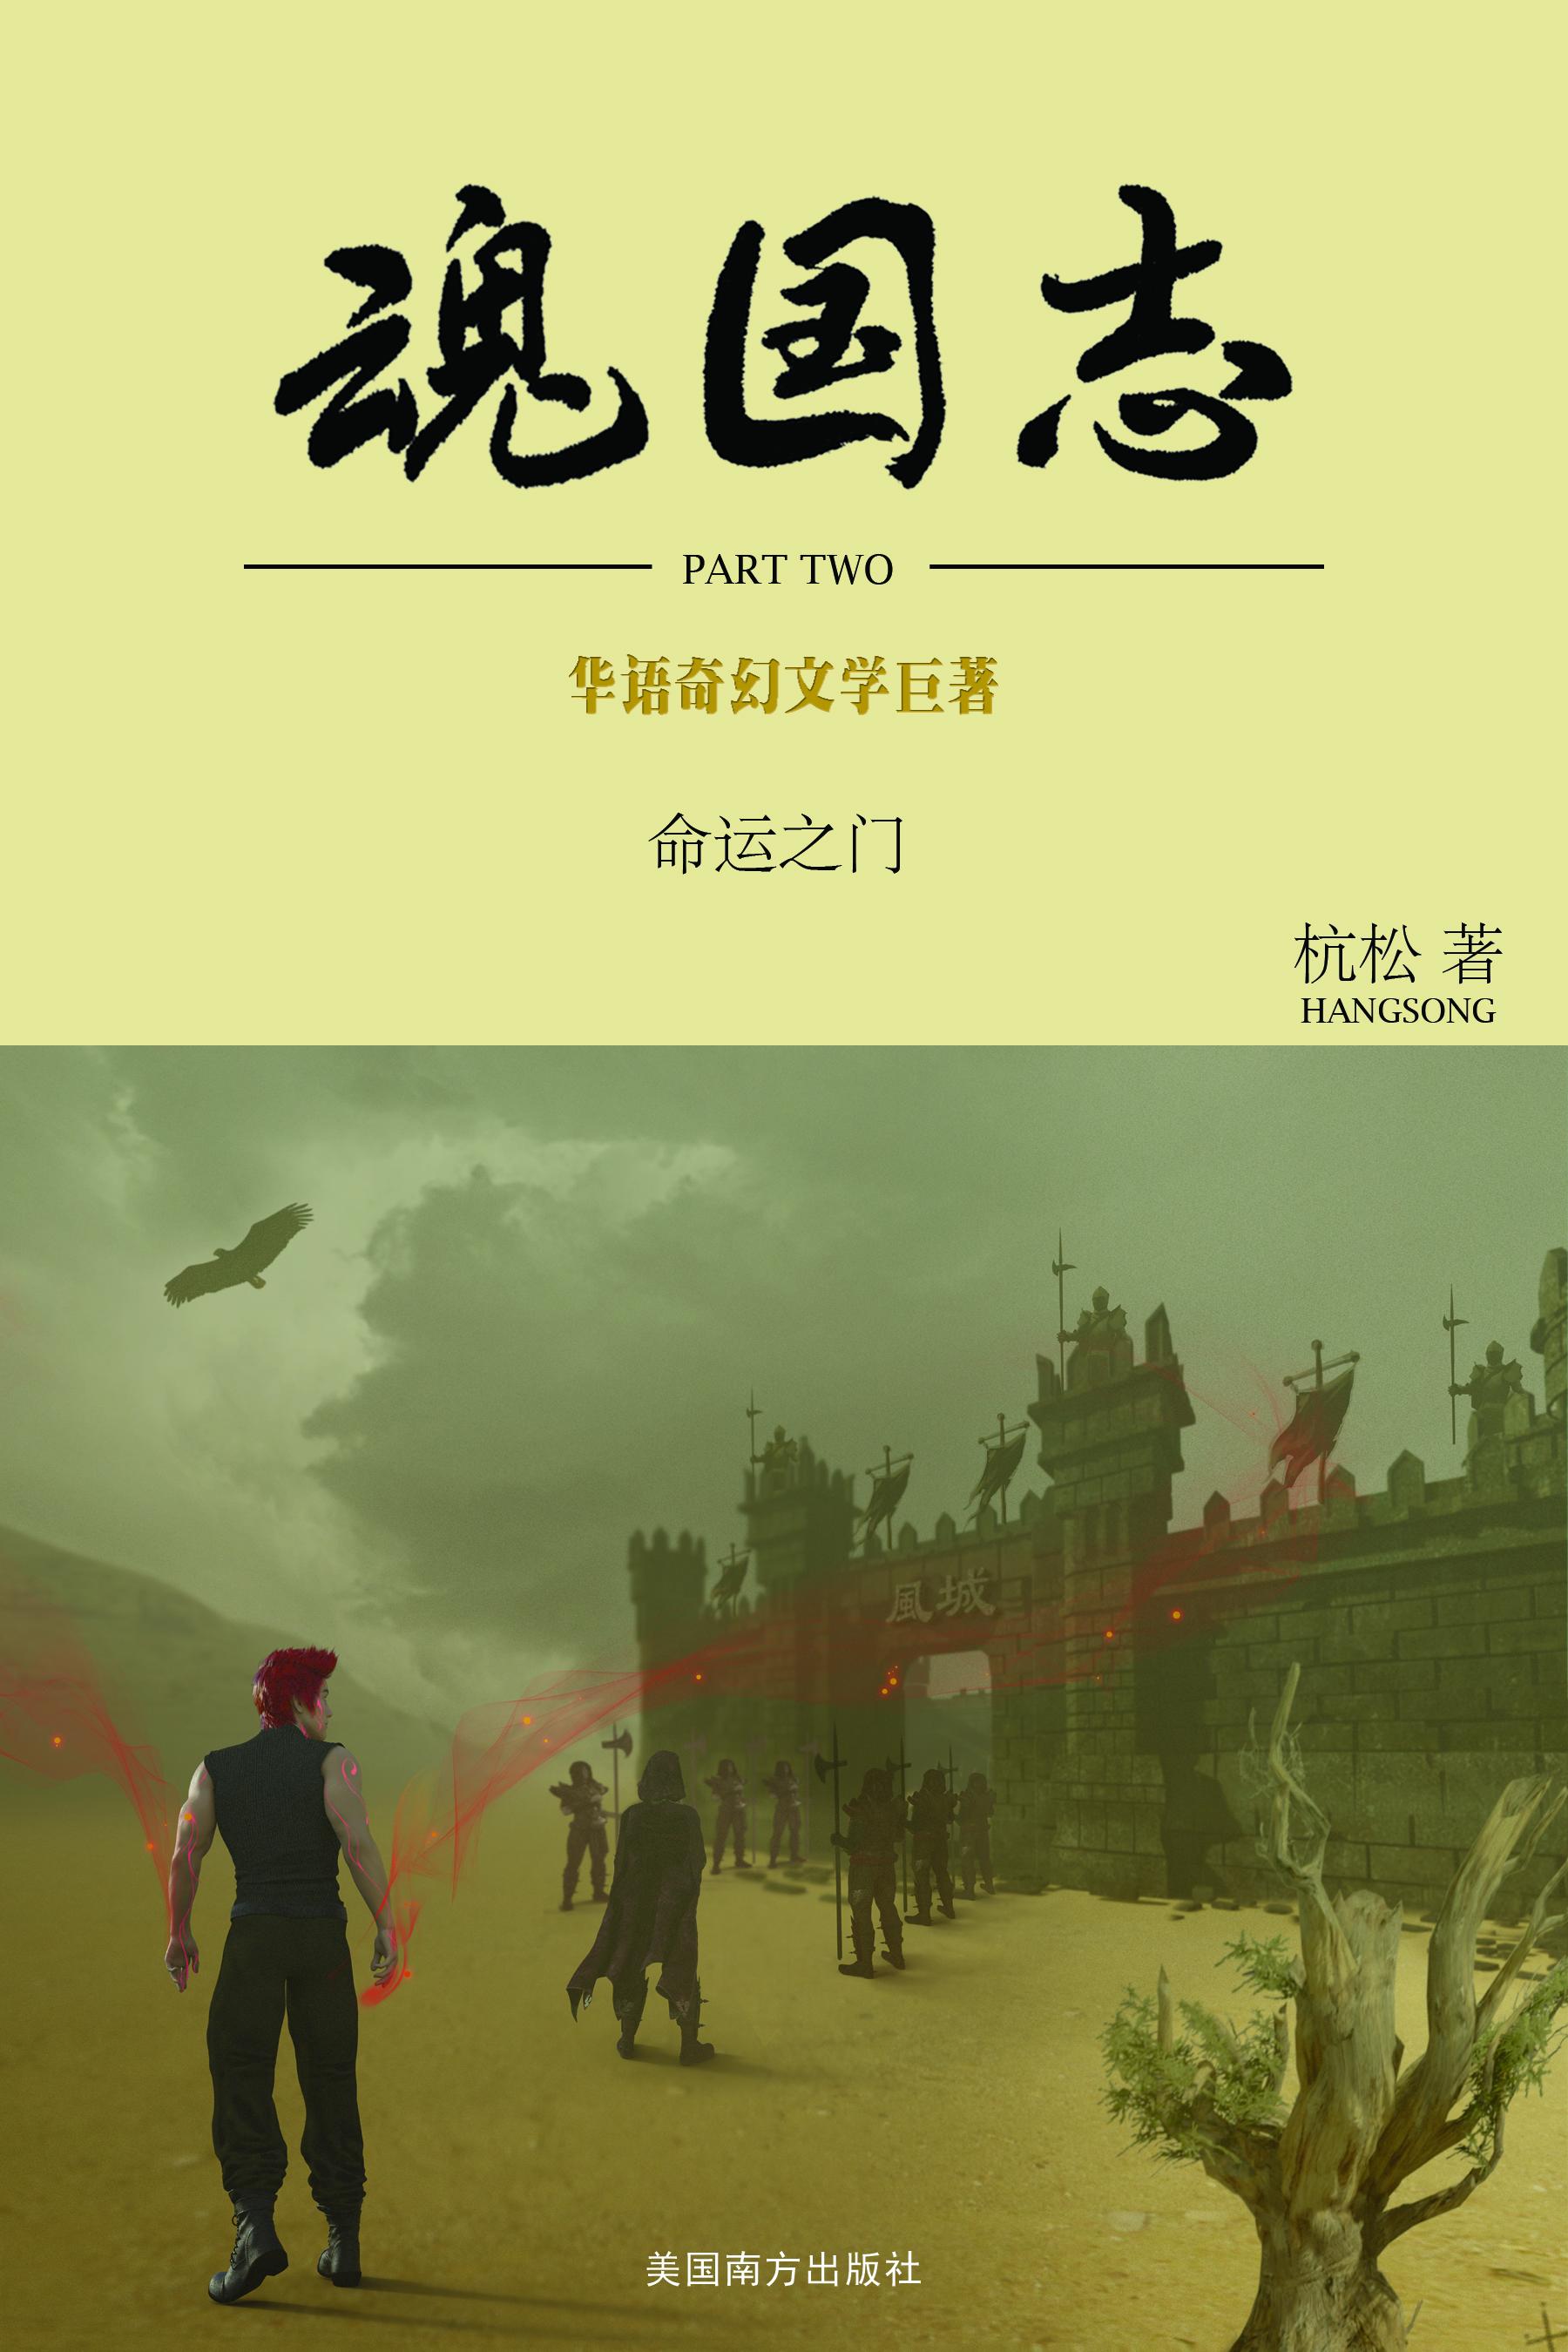 魂国志-命运之门 封面设计.jpg